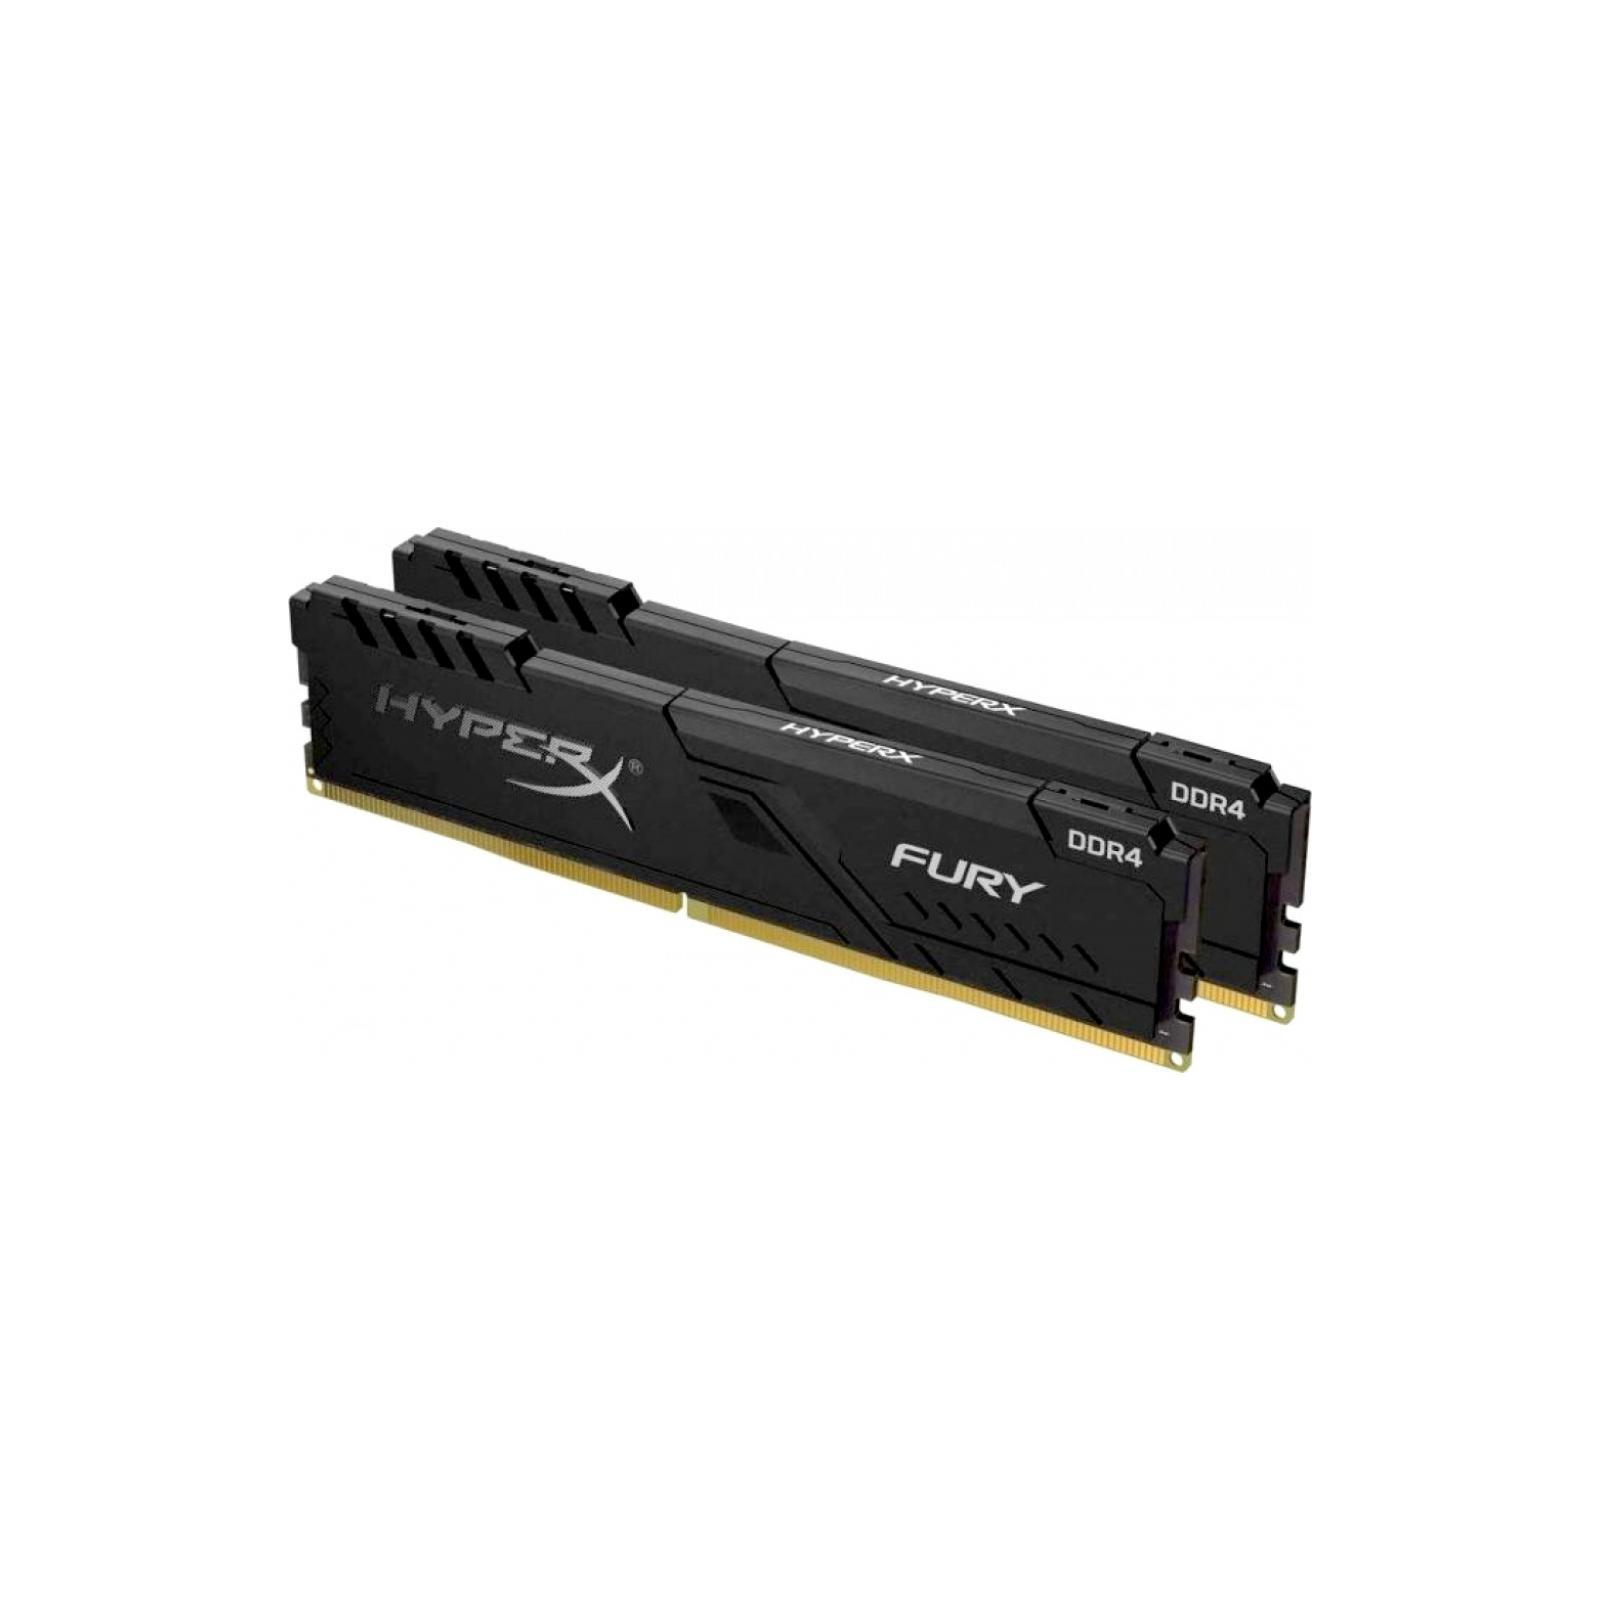 Модуль пам'яті для комп'ютера DDR4 32GB (2x16GB) 2666 MHz Fury Black Kingston (HX426C16FB4K2/32) зображення 2